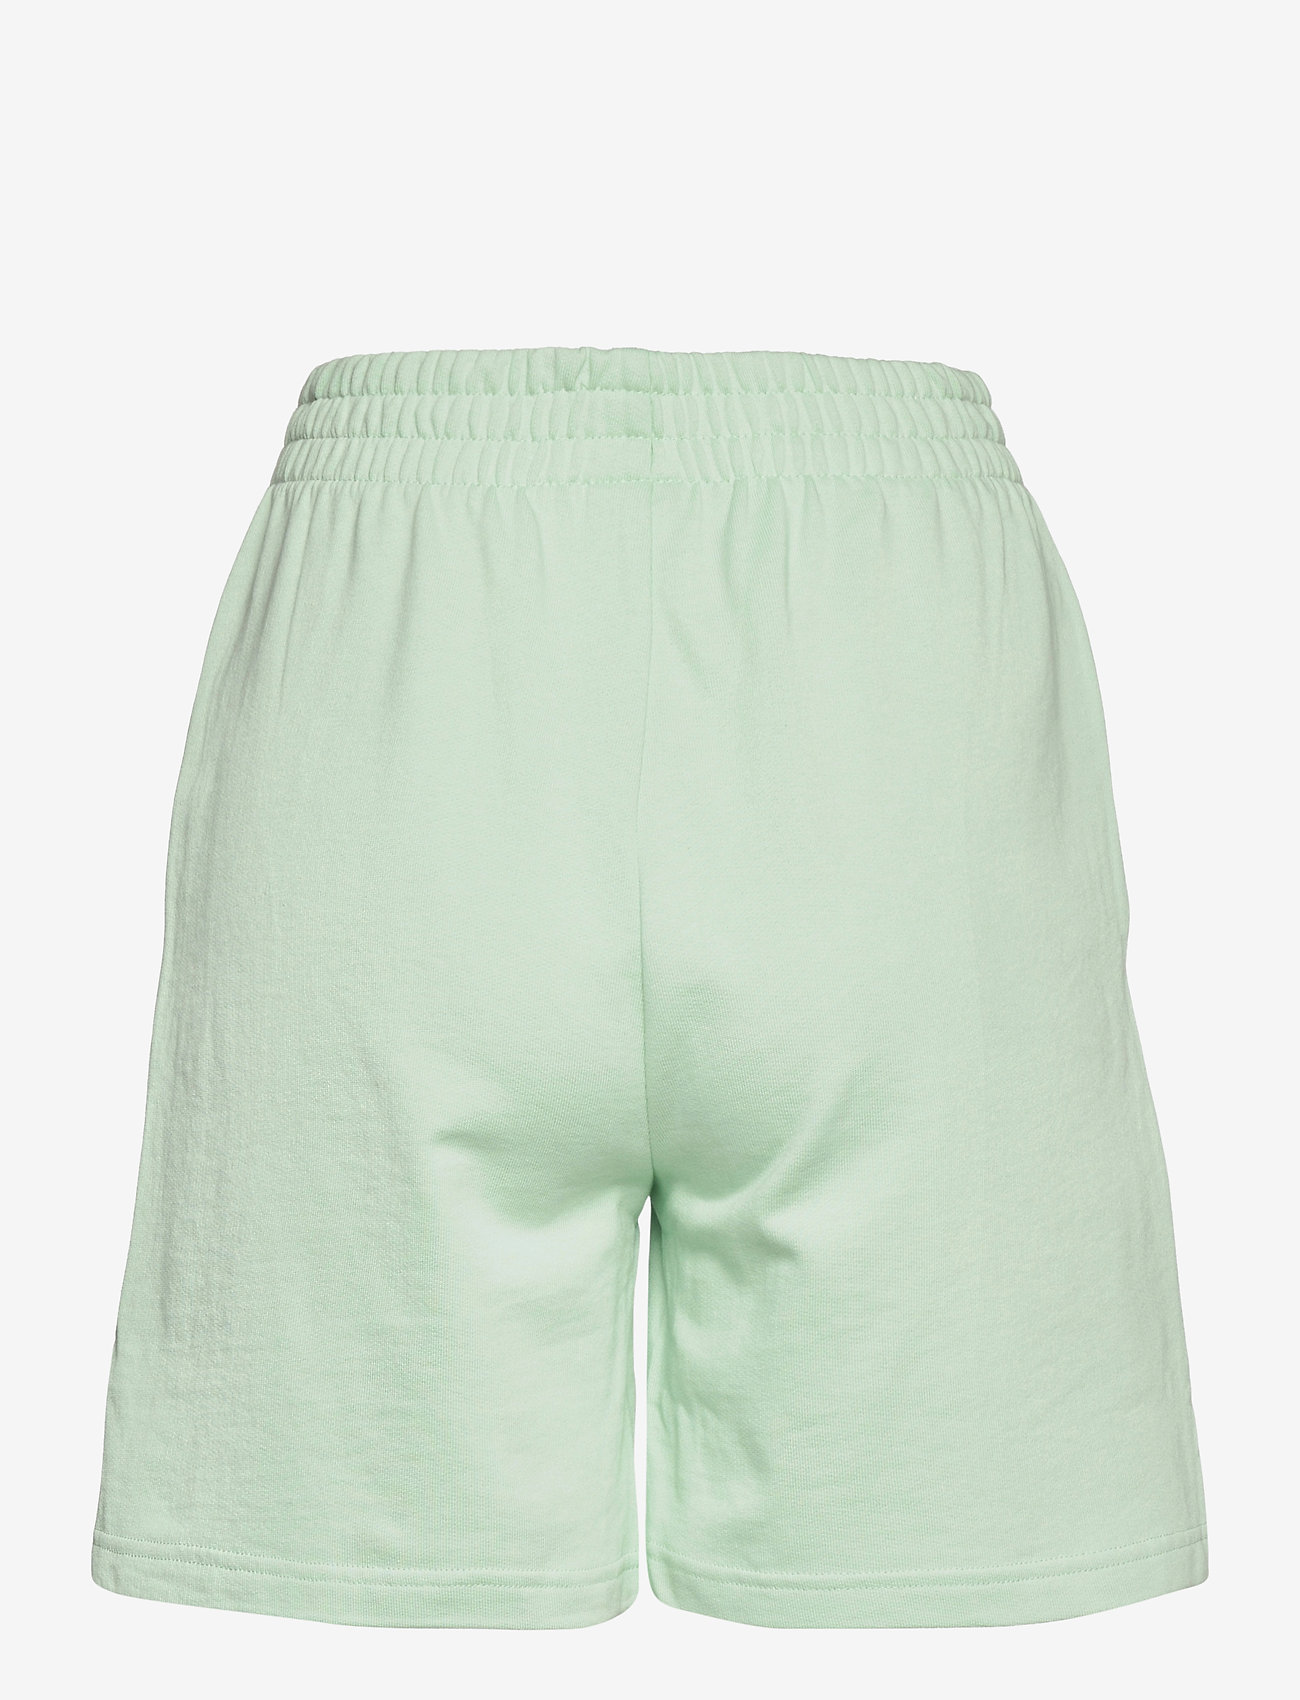 Gina Tricot - Nora shorts - shorts casual - gossamer green (6464) - 1